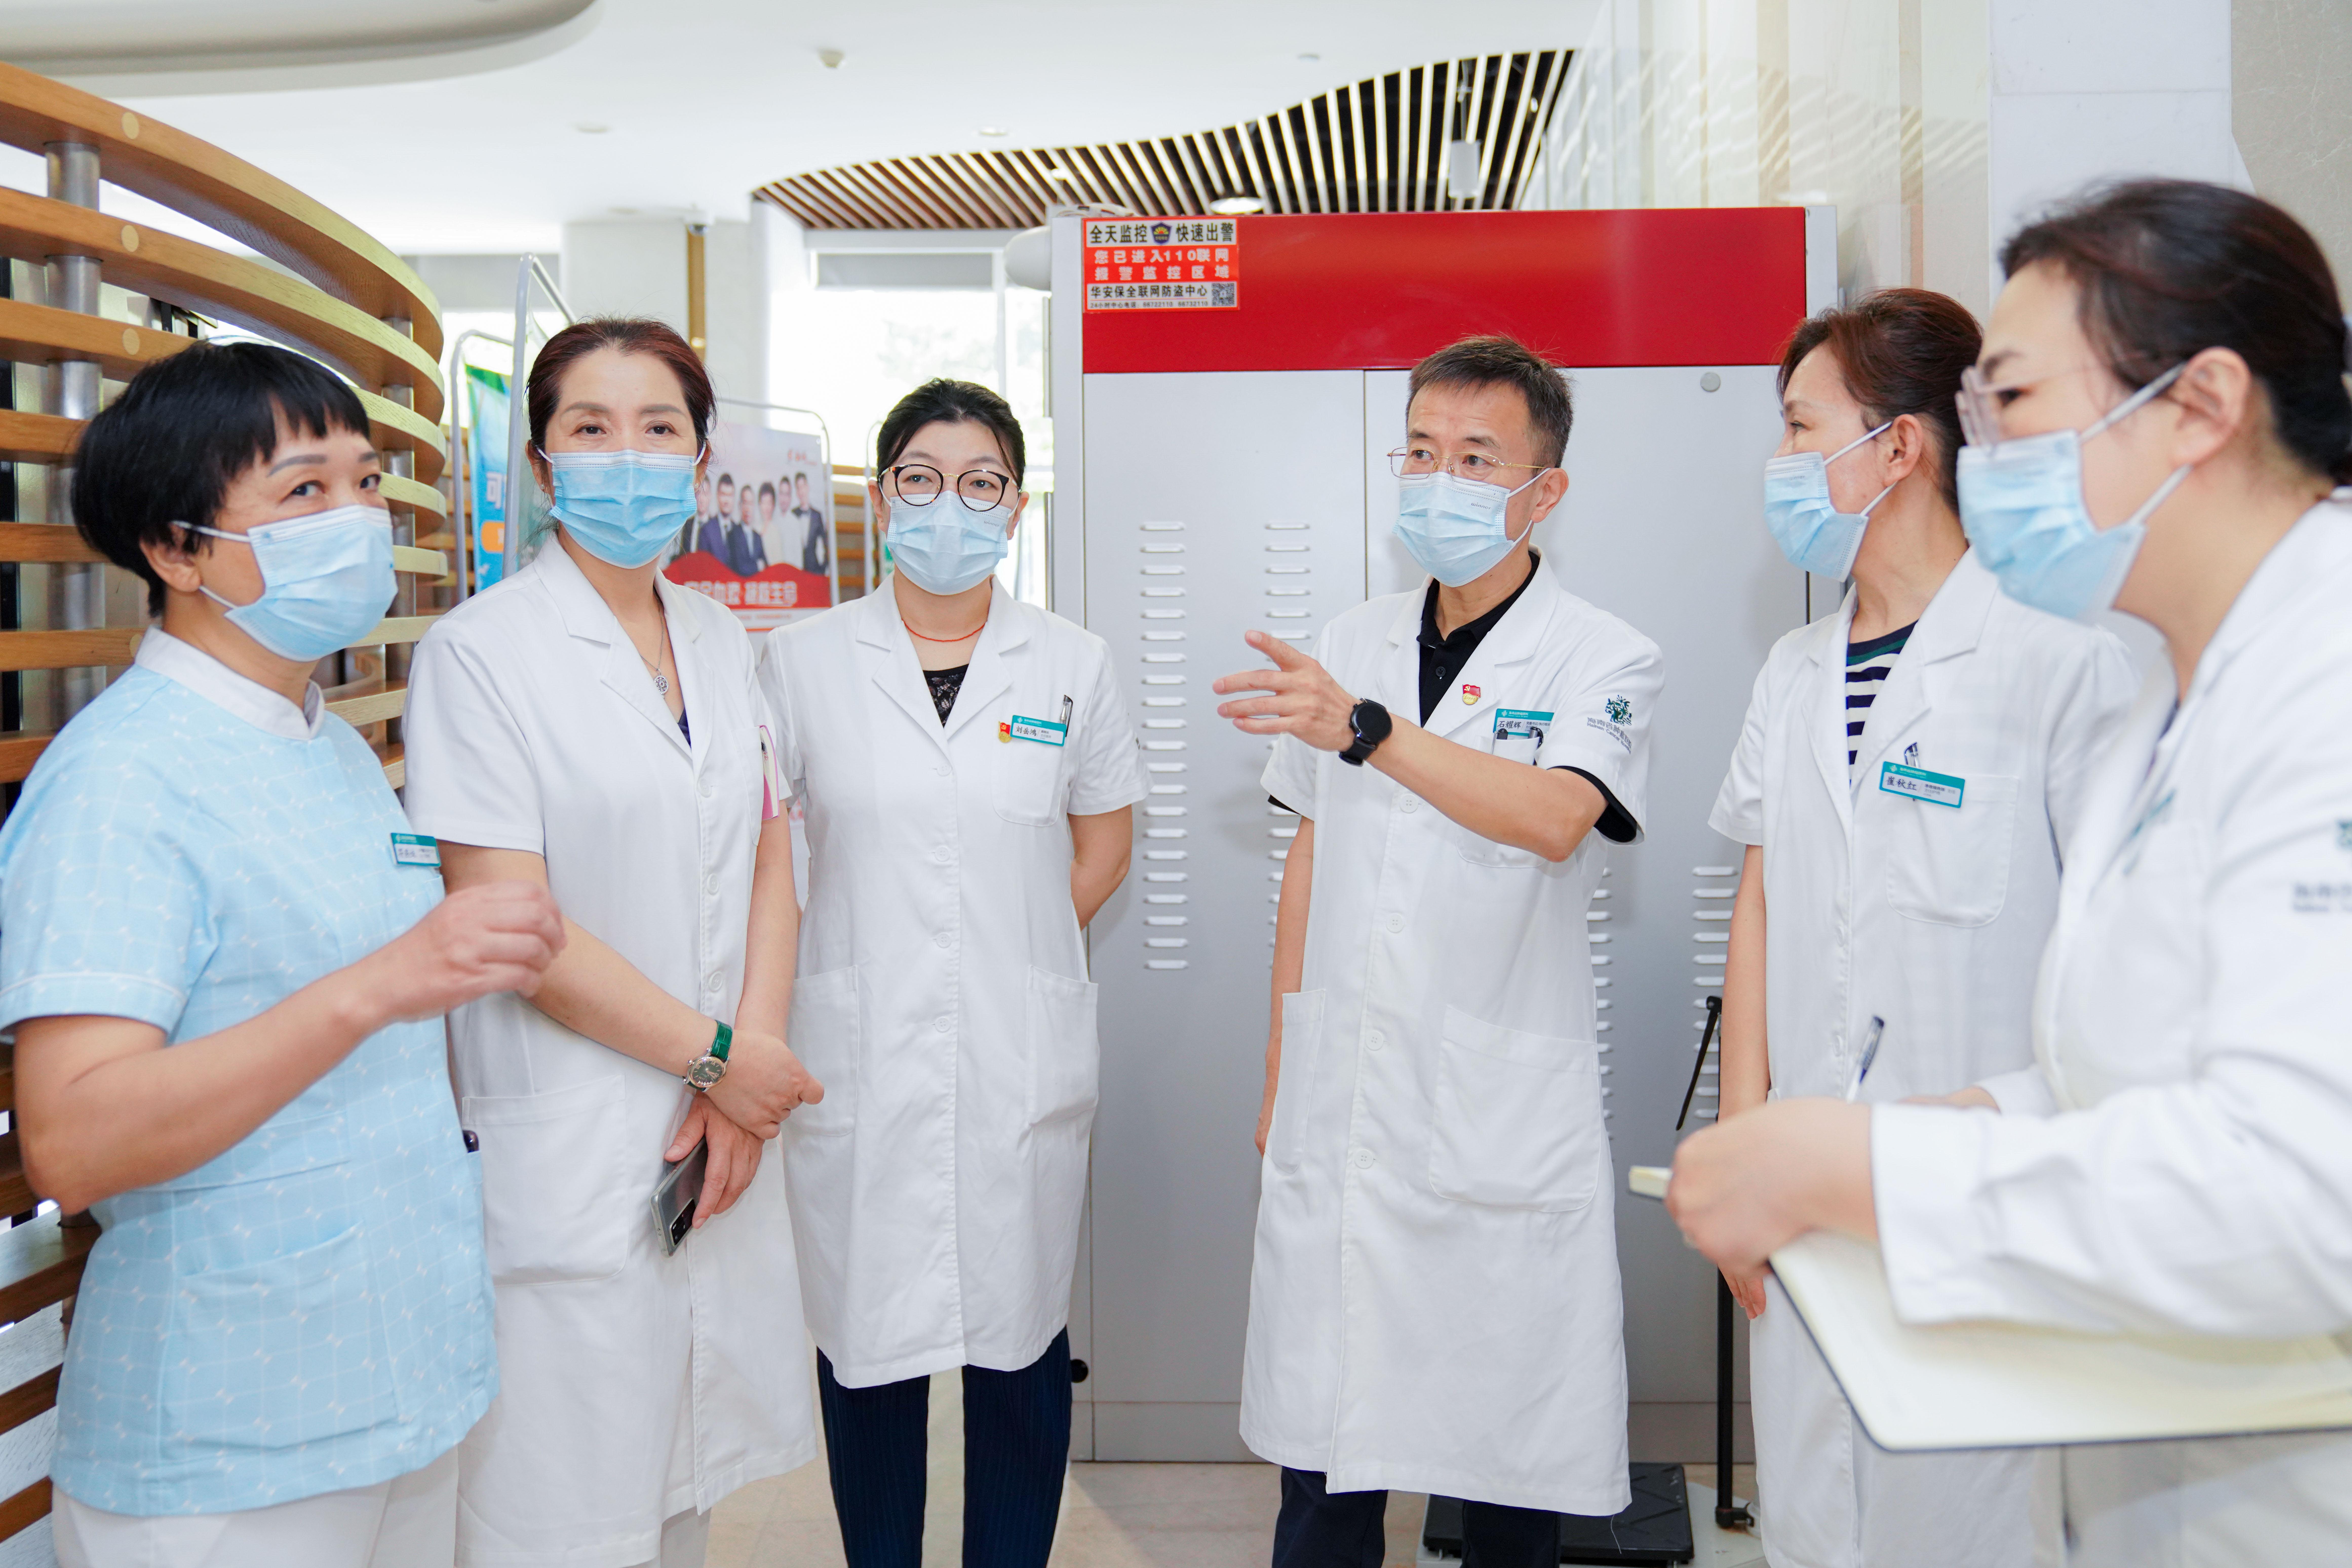 海南省肿瘤医院开展「人人参与患者安全」系列活动